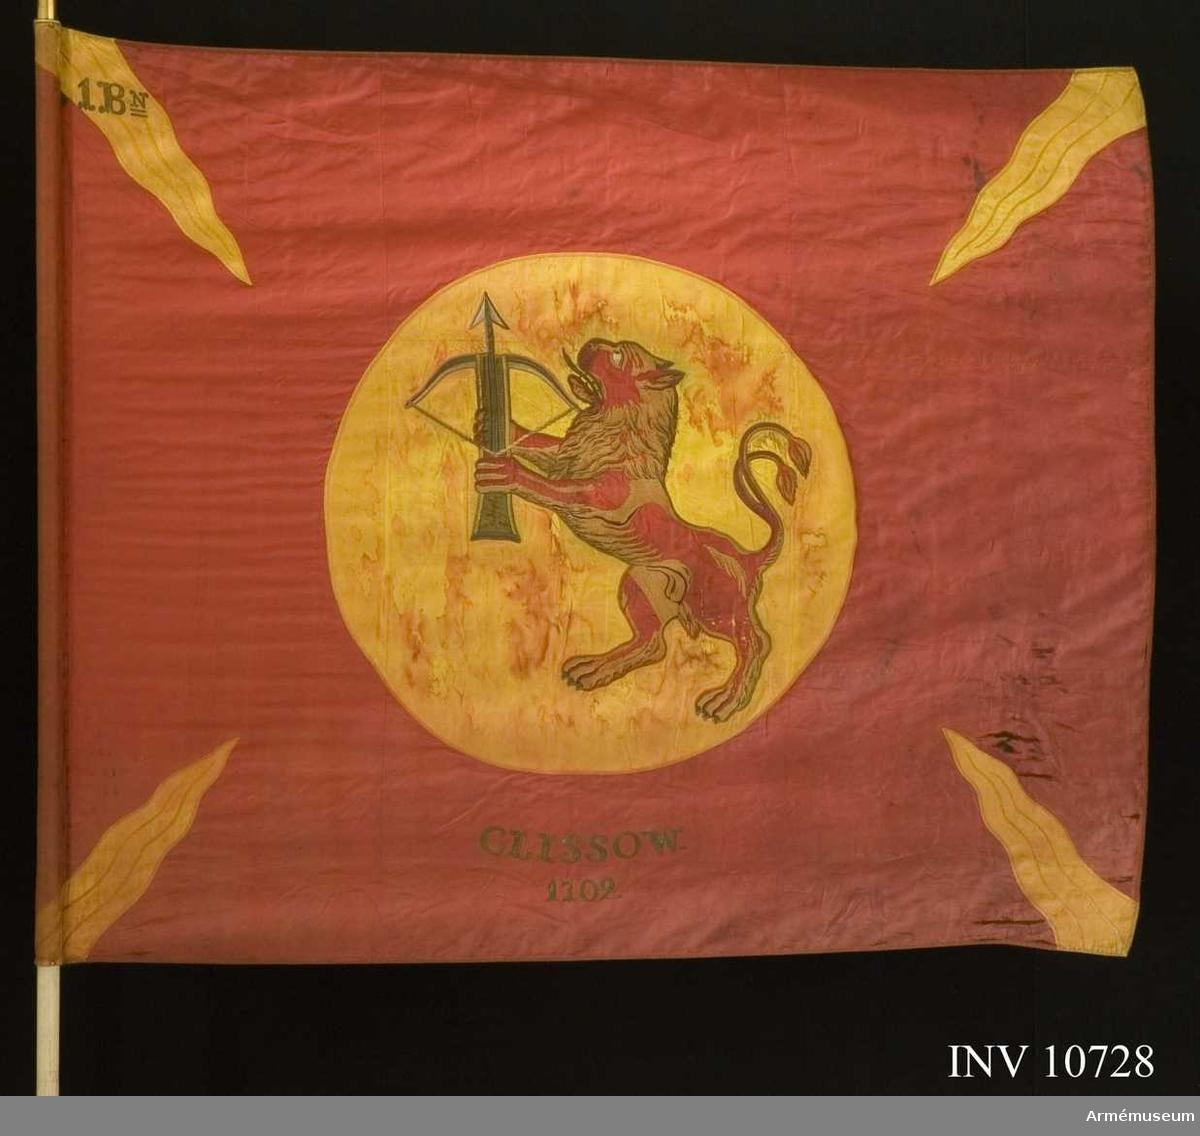 Grupp B.  Duk av rött, fyrskaftat fansiden (kypert), med från hörn och sidornas mitt ingående 4 st flammor av gult liknande siden. I mitten, broderat lika påbåda sidor, Smålands vapen, i gult fält (830 mm) ett rött lejon förande ett spänt armborst med pålagd  pil. Lejonet av rött fansiden med man och skuggning i bruna  och violetta silken, tänder och klor i silver. Armborstens  stock brunt siden, silvertyg i bågen och och pilen, kantsömmar i plattsöm i olika silken. Segernamn under vapnet, genombroderat i guld: Clissow 1702. Kantad med sidenband och fäst med förgyllda spikar. Kravatt: blå och gul av fansiden, med pil och frans. Längd 1920 mm, bredd 290 mm. Stången av furu, målad vit. Doppsko av förgylld mässing. Spetsen av förgylld mässing. Ett fodral tillhör också. Fodralet i svart kläde med skinnskodd spets, dragsko och ficka för spetsens blad. Längd 1840 mm, bredd 180  mm.